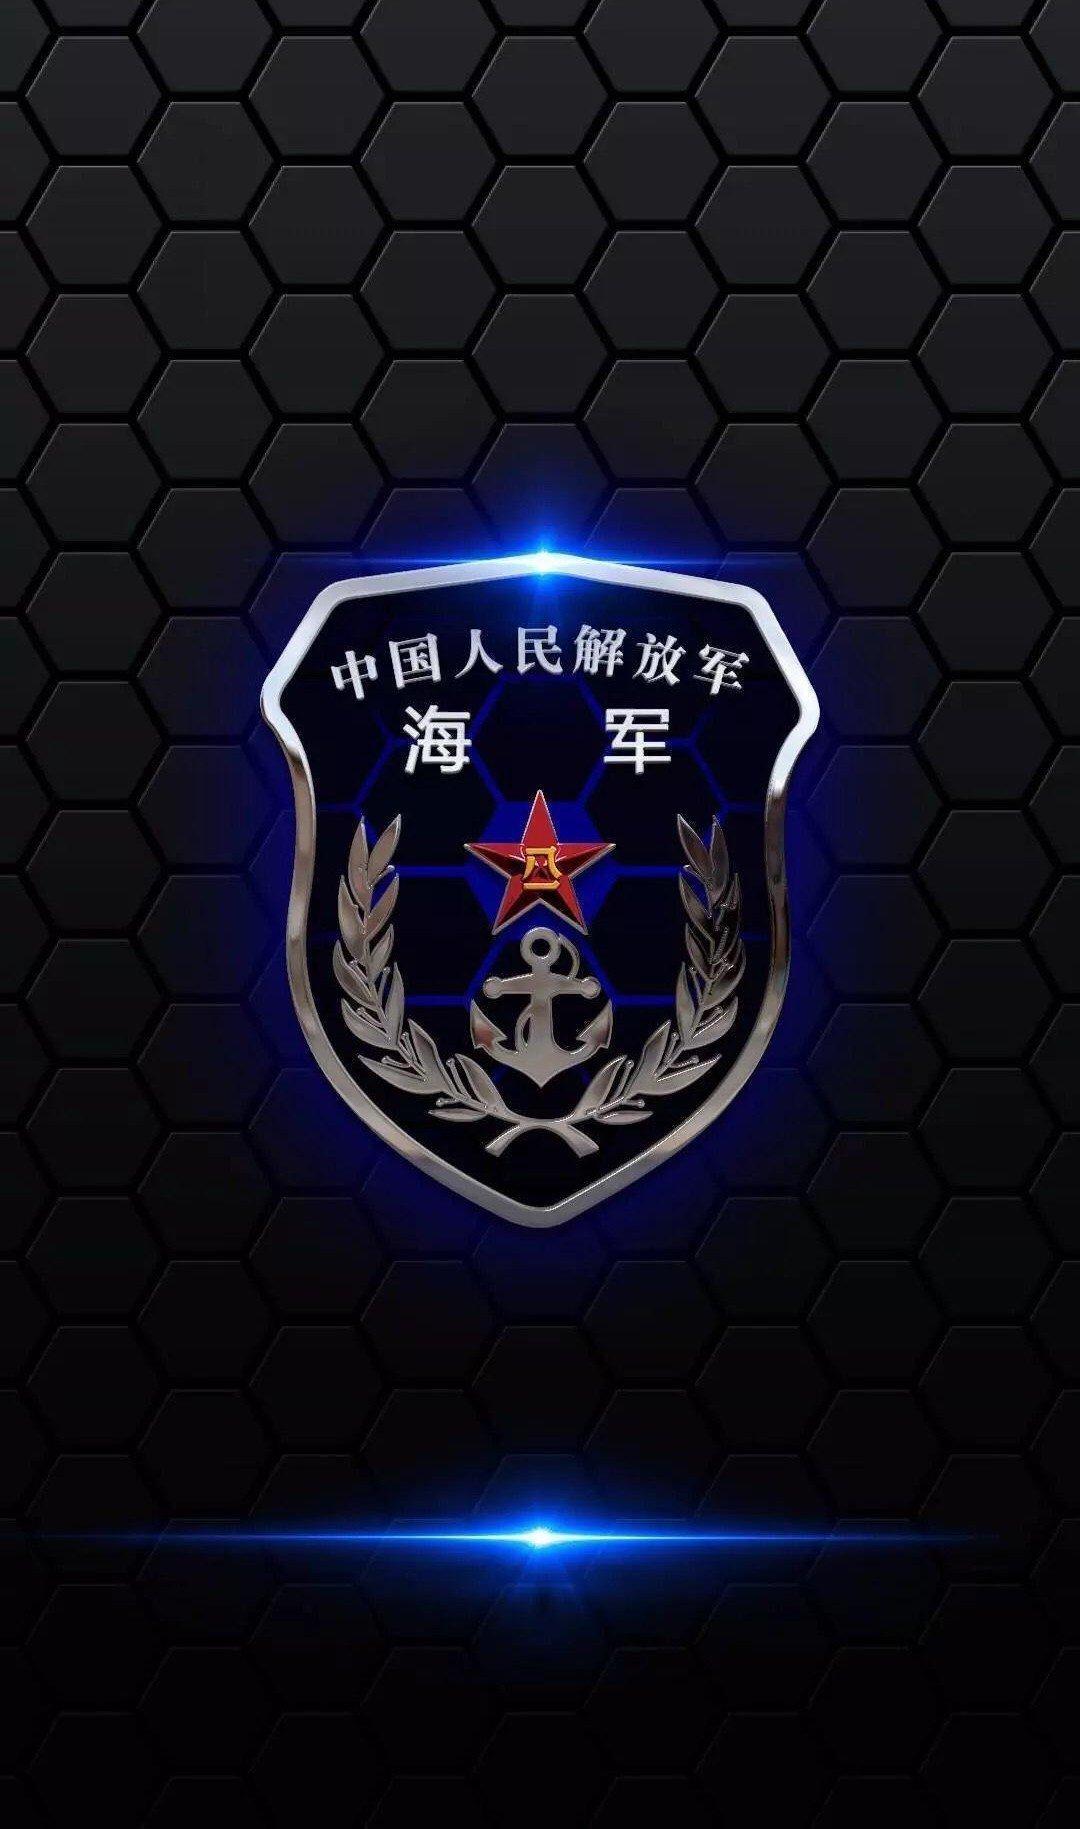 中国人民解放军臂章集锦!值得收藏!